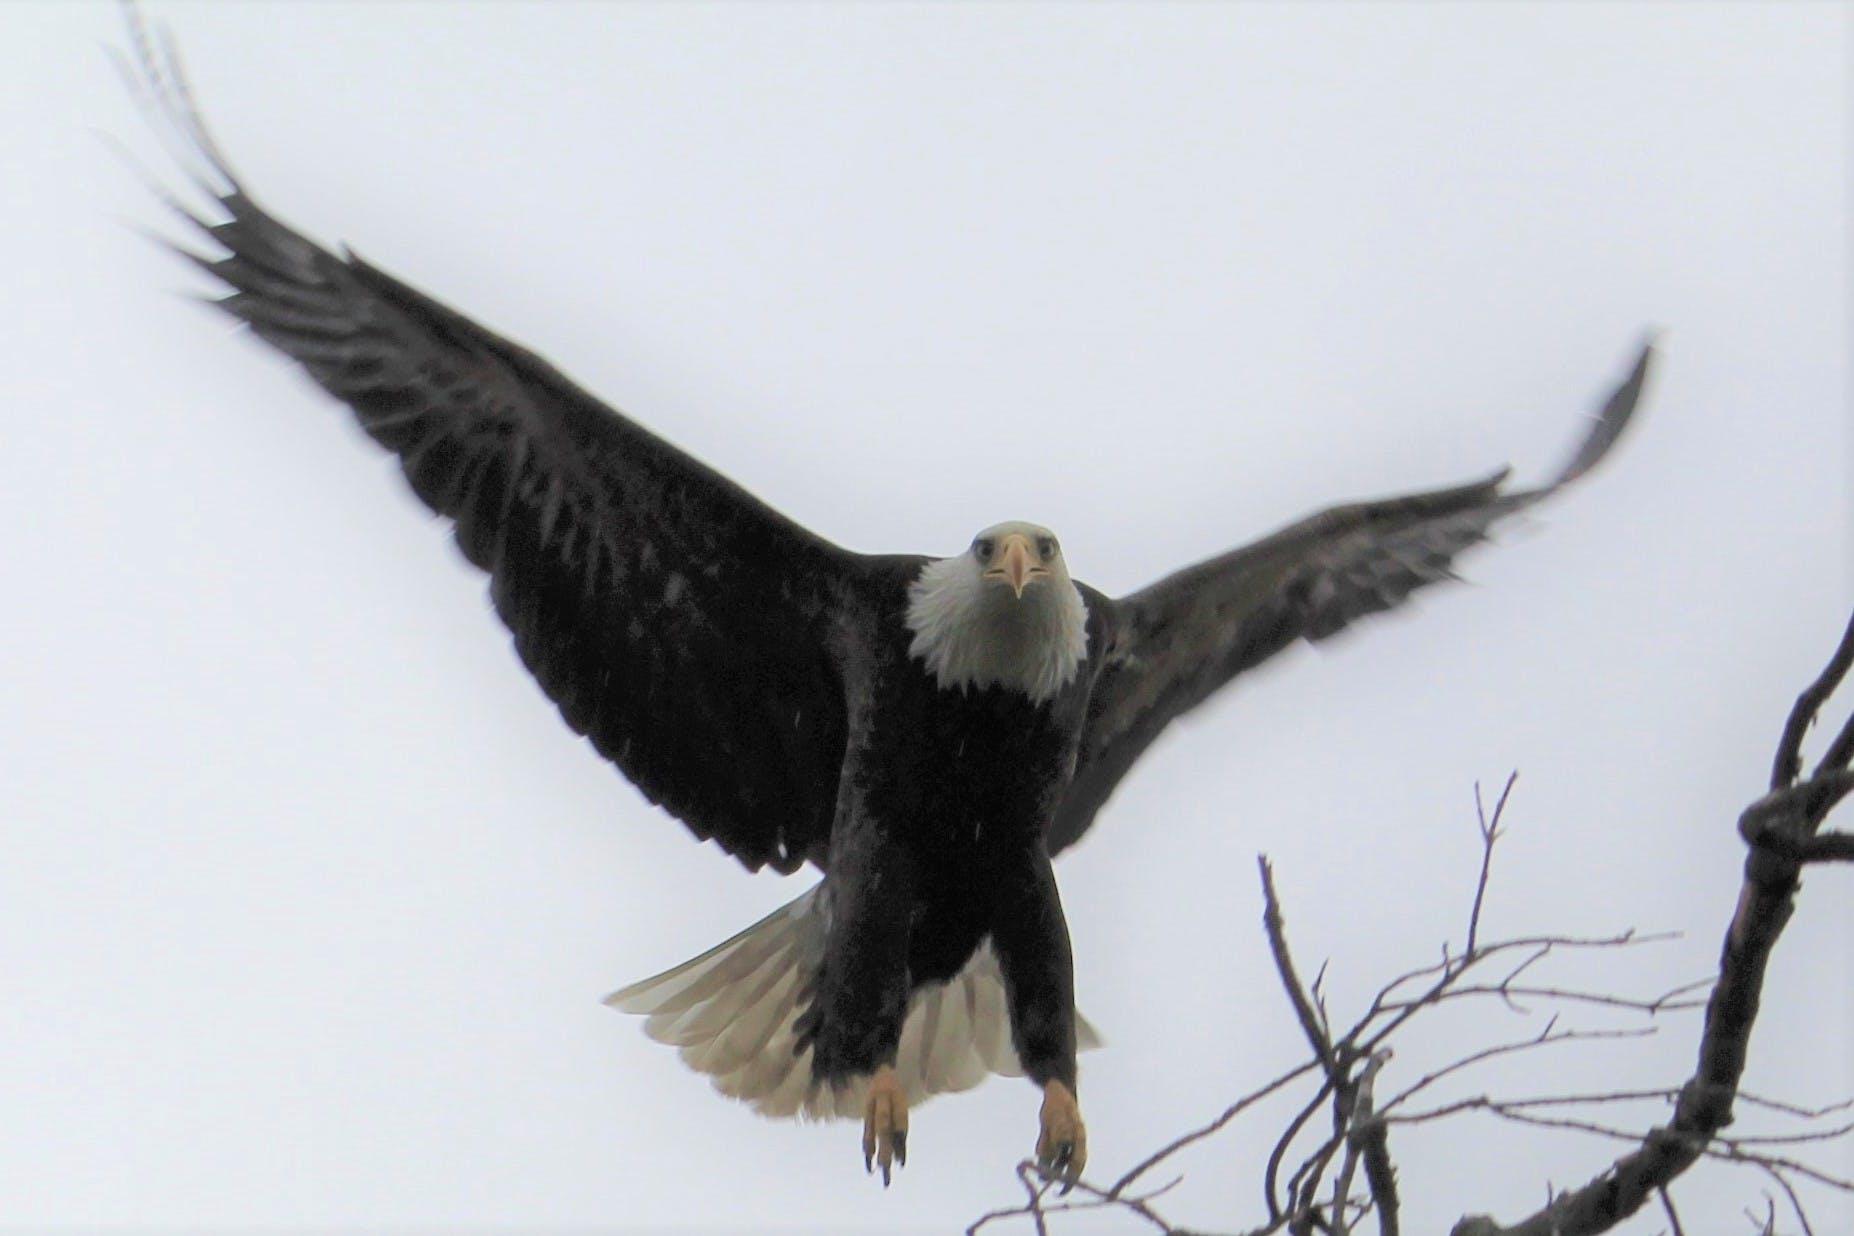 Free stock photo of #bird, #birds, #birds of prey, American bald eagle